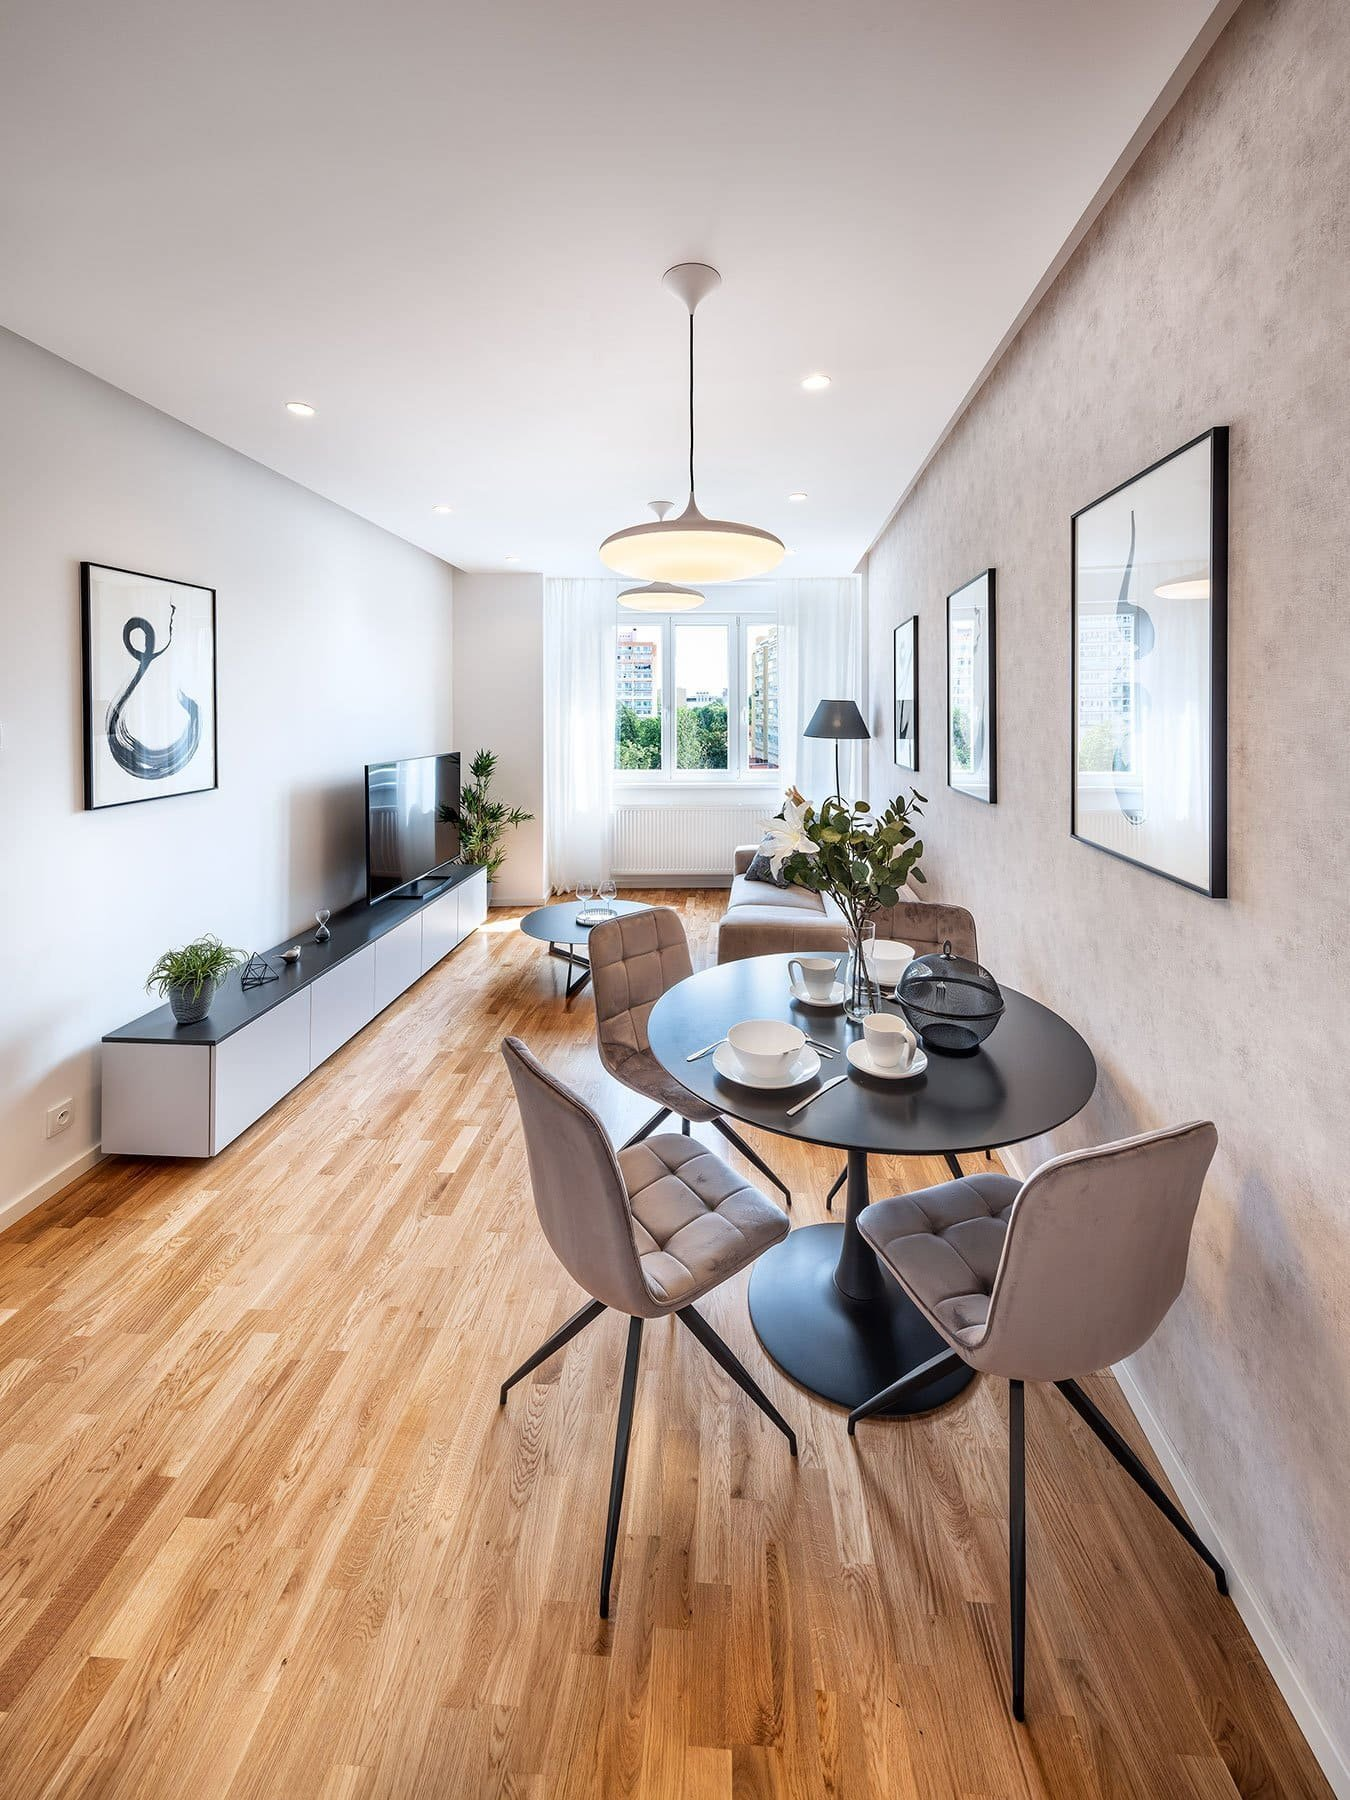 Při našich toulkách světem interiérového designu dnes zavítáme do vzorového bytu projektu Přípotoční 35, který třeba i nadchne vás svým minimalistickým stylem a ležérní elegancí.